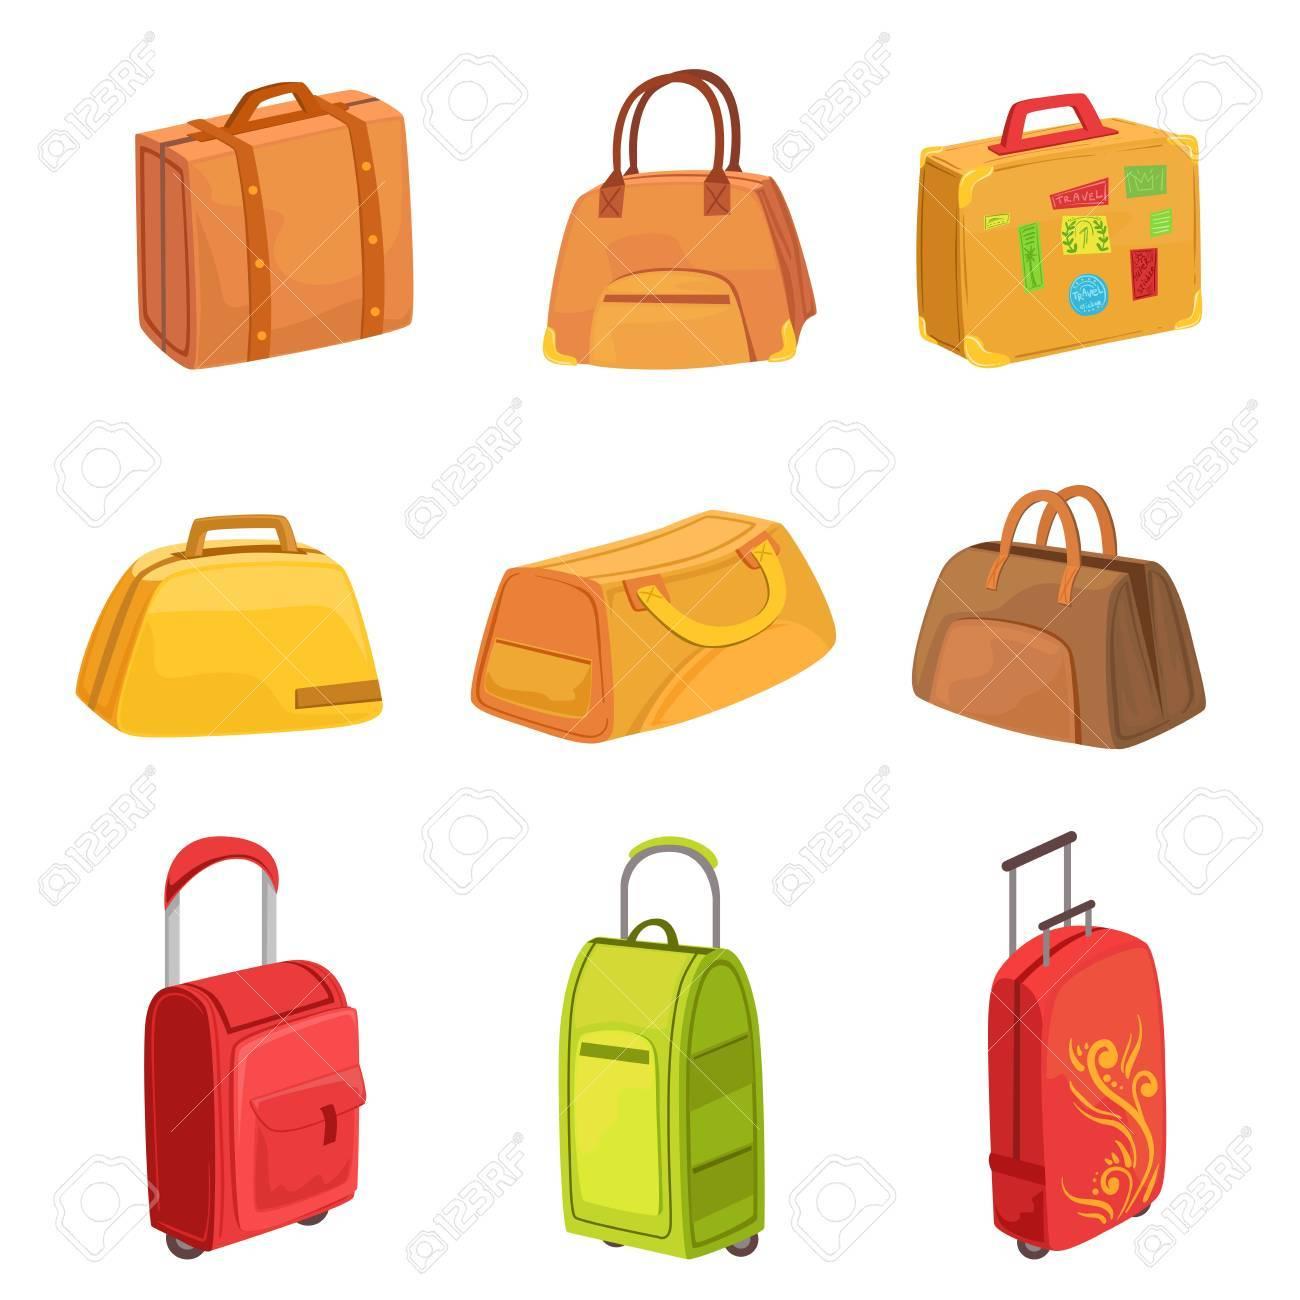 スーツケースやその他荷物かばんアイコンのセット明るい色分離白地に